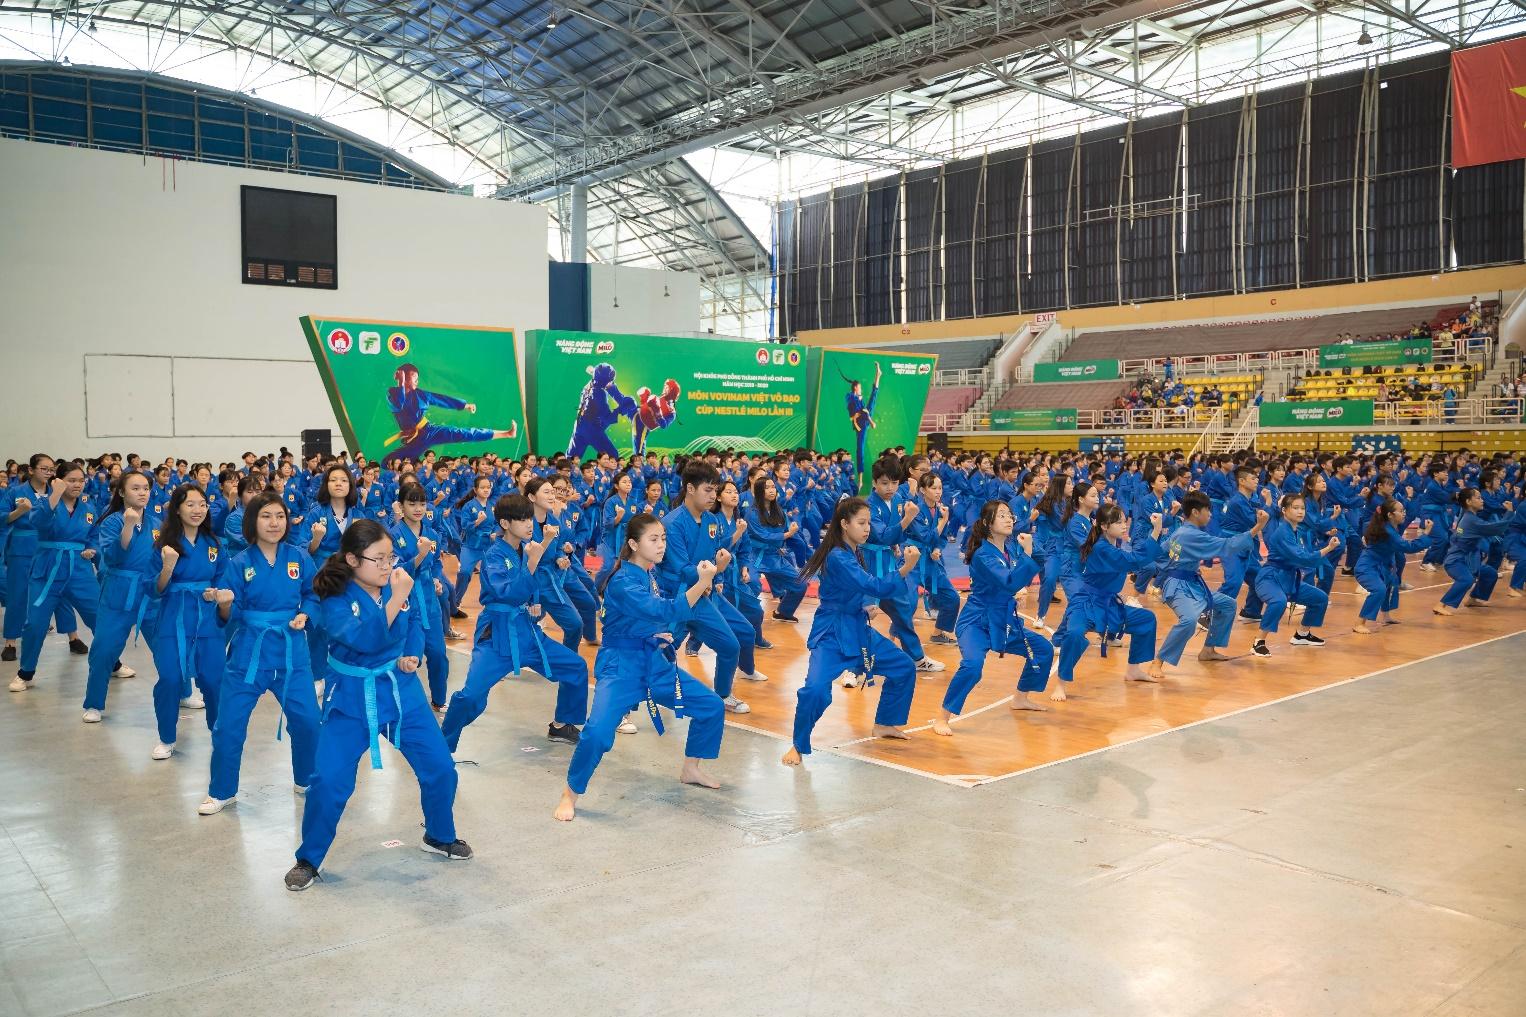 Khai mạc Giải Hội Khỏe Phù Đổng Môn Vovinam Việt Võ Đạo – Cúp Nestlé MILO lần III  - Ảnh 2